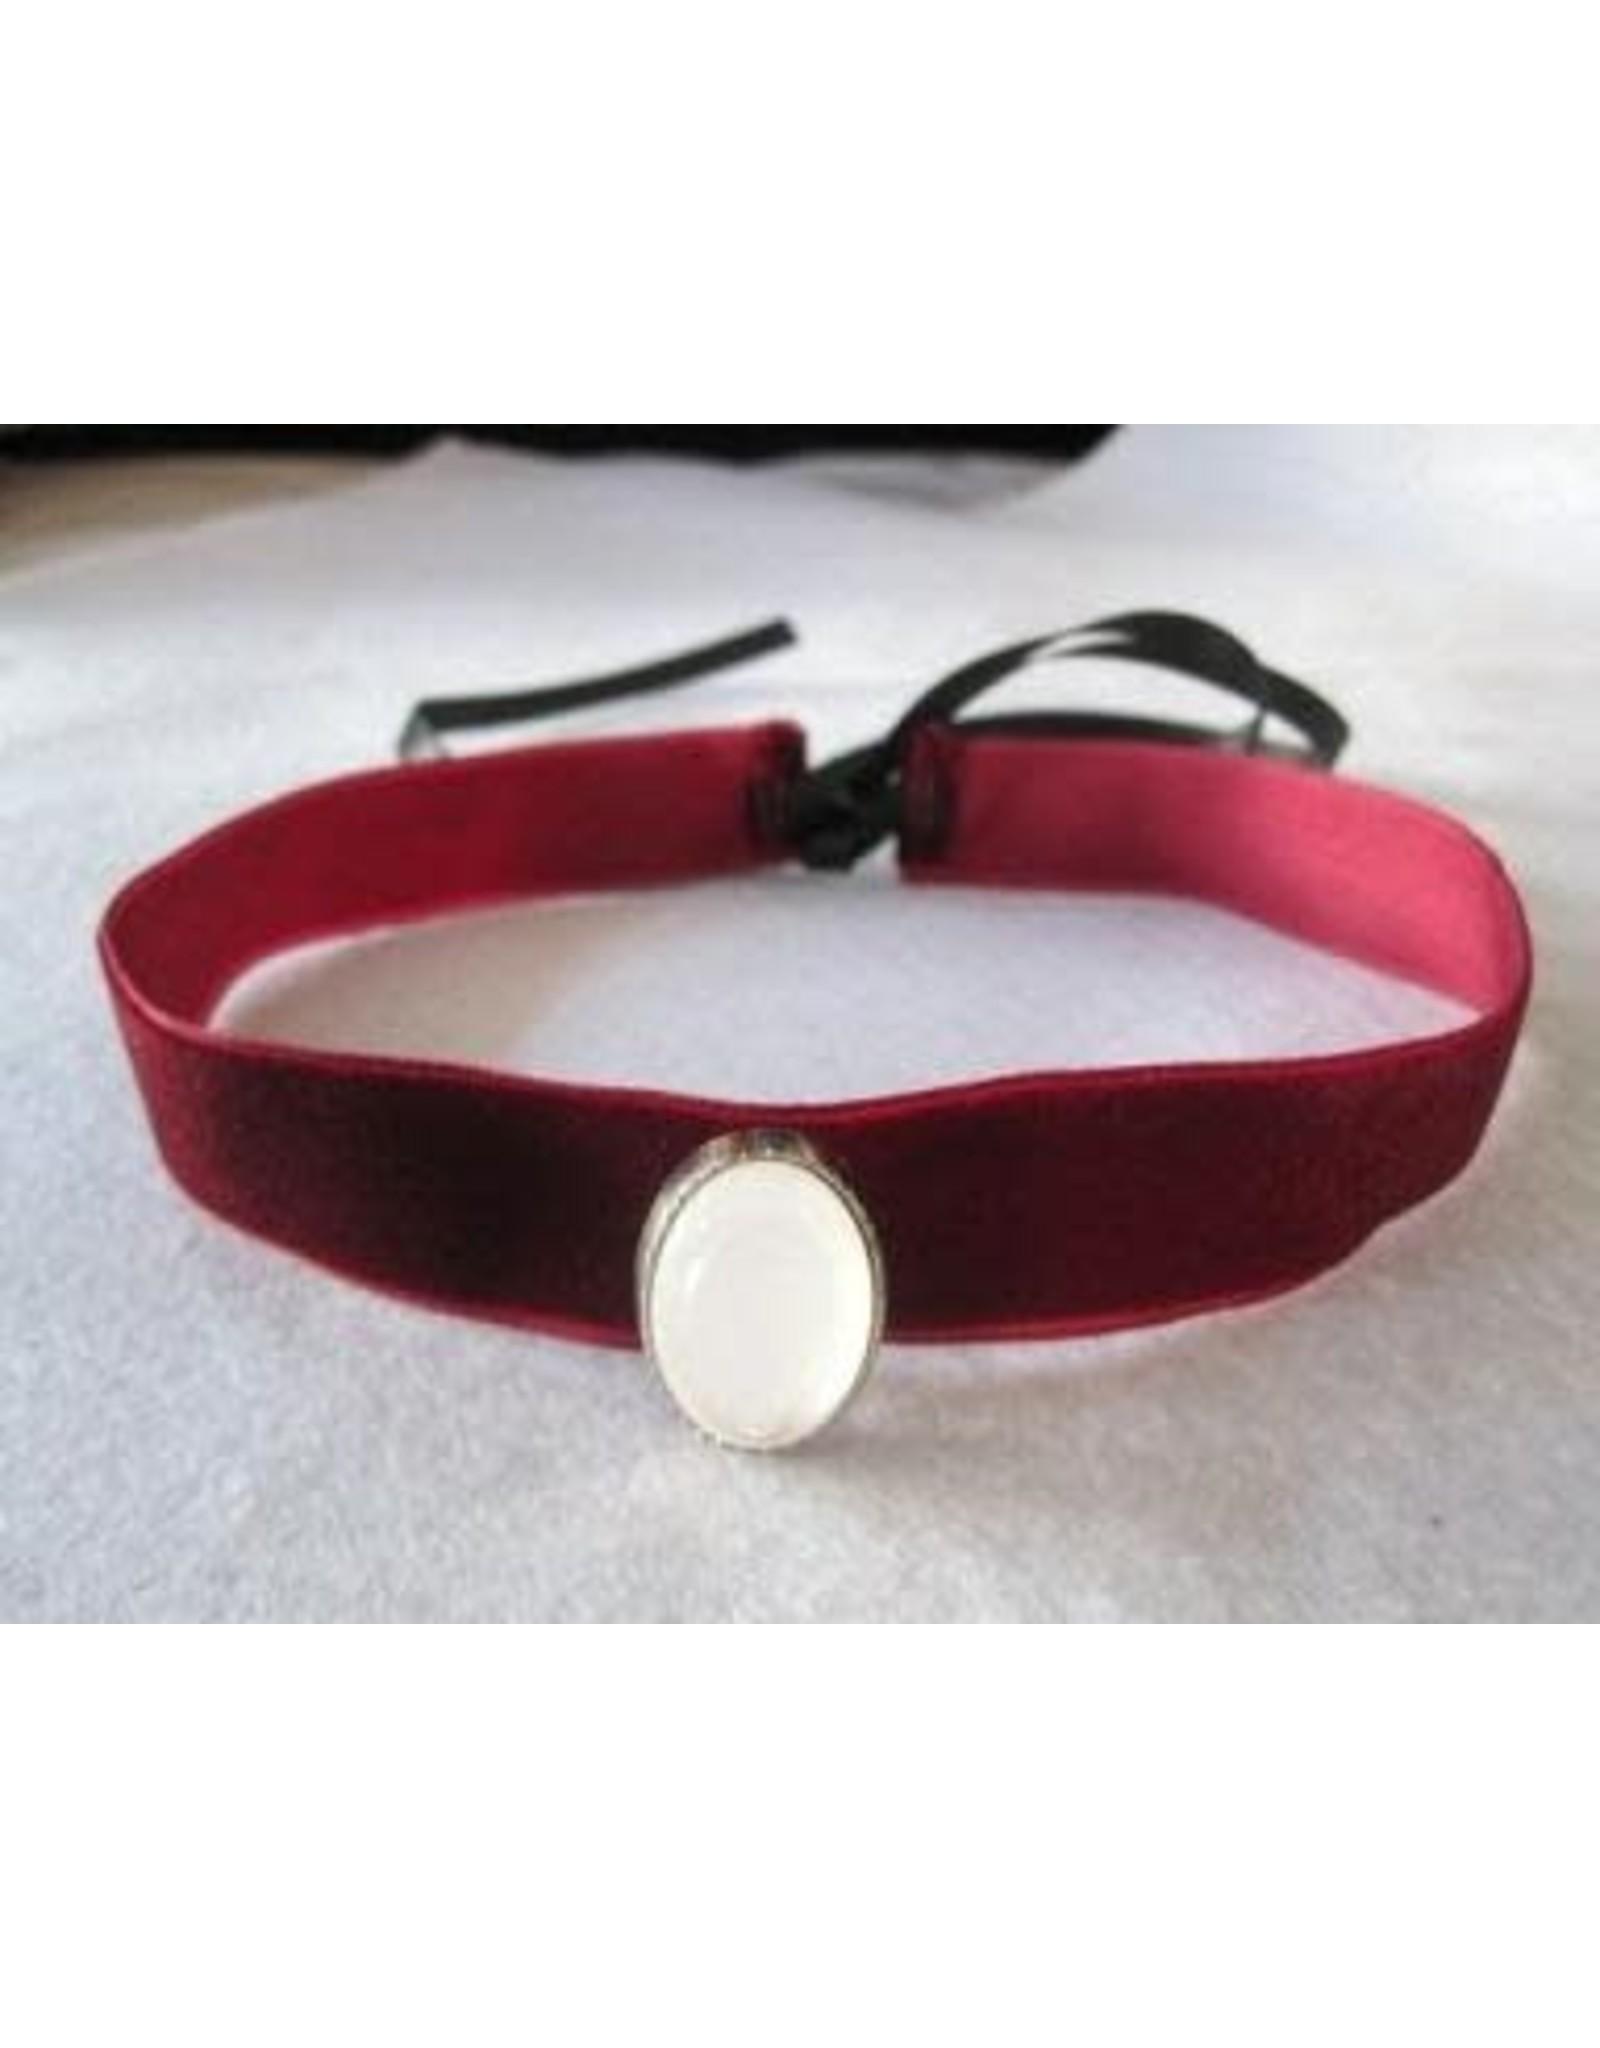 HM Smallwares Gothic Collar